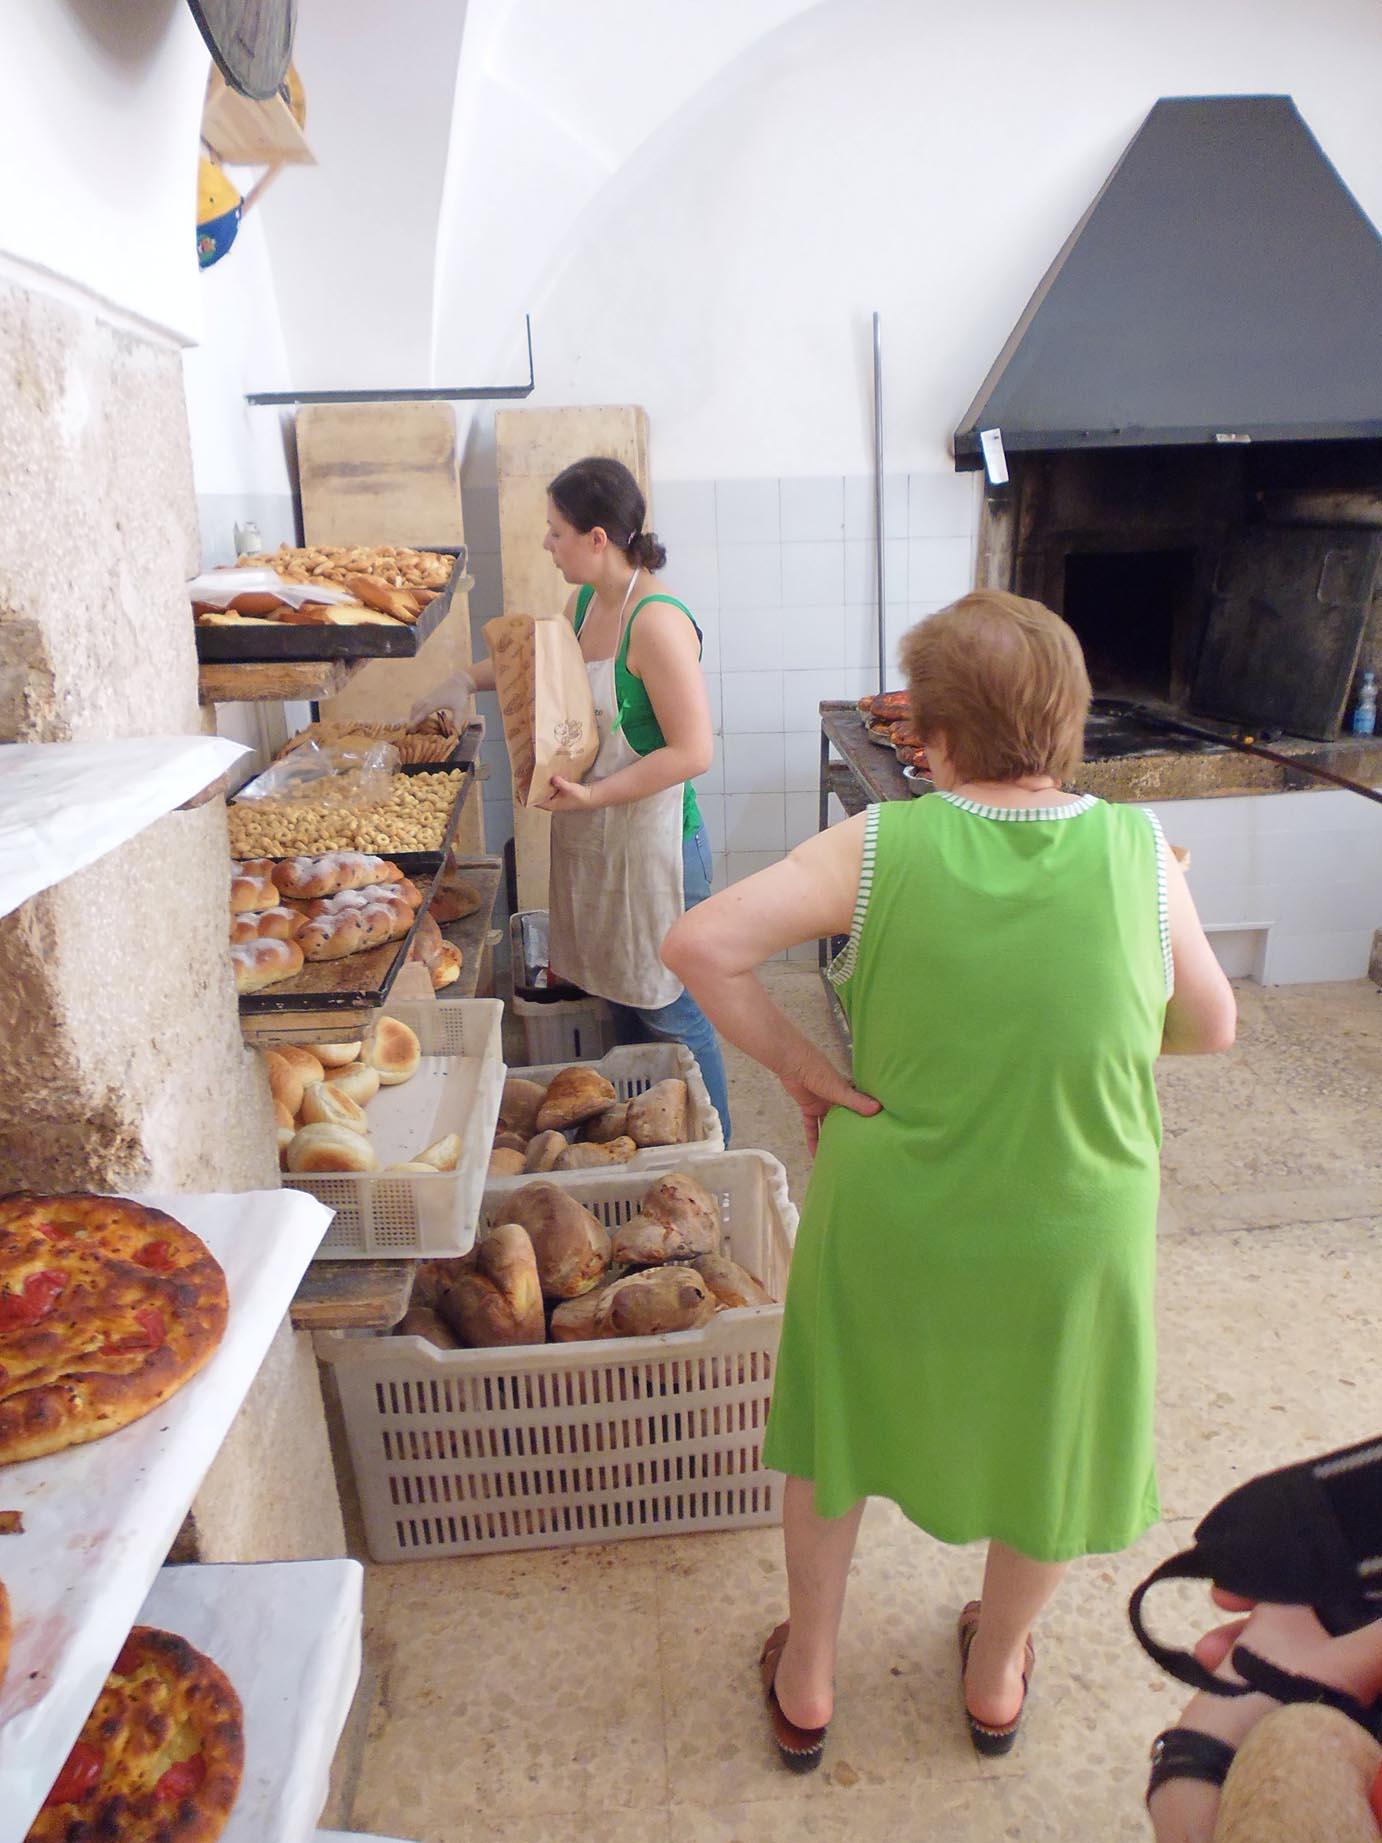 美味しいパンを探して ALTAMURAの街へーープーリア旅行記2014_c0179785_0575078.jpg